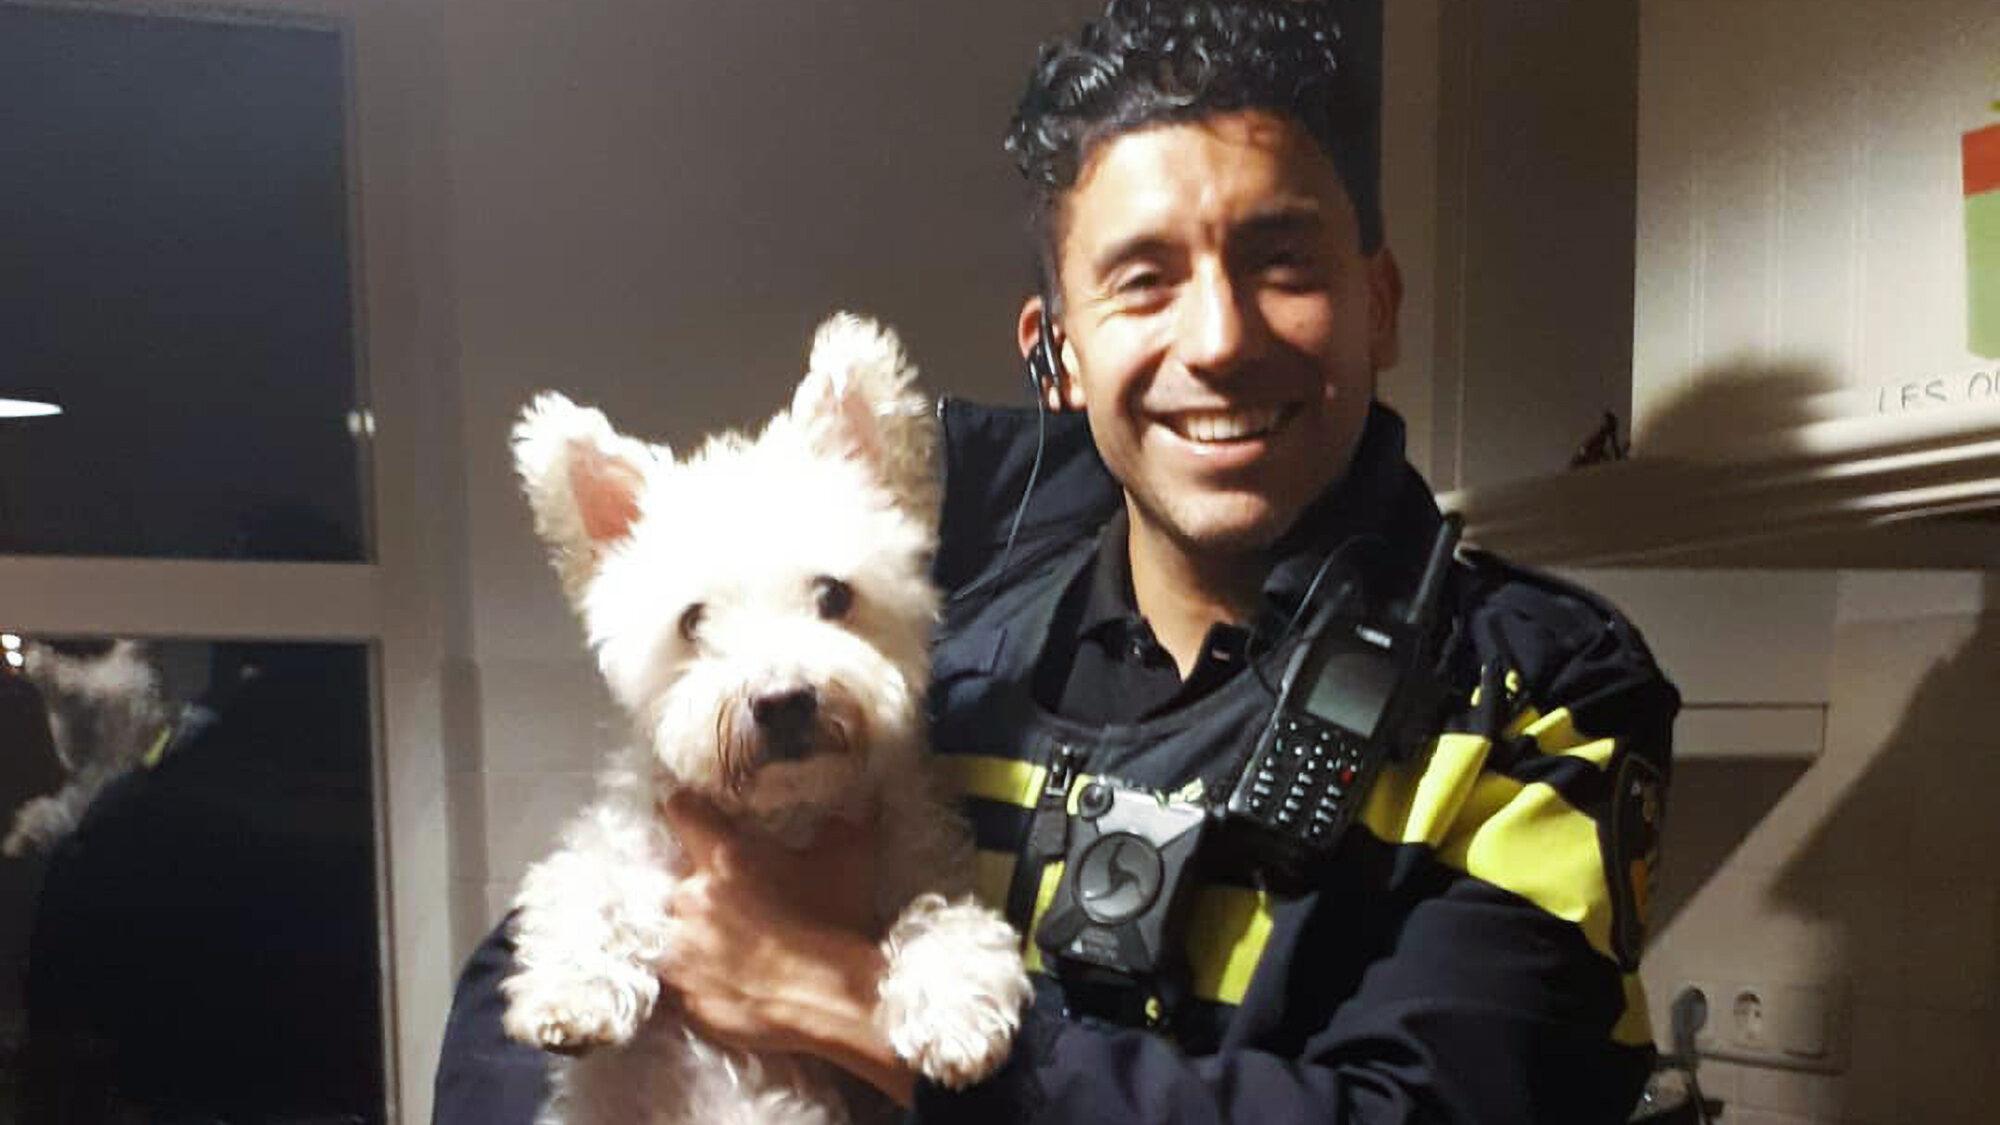 Baggin' Bad Guys: Dog Named Frodo Helps Police Catch 3 Burglars